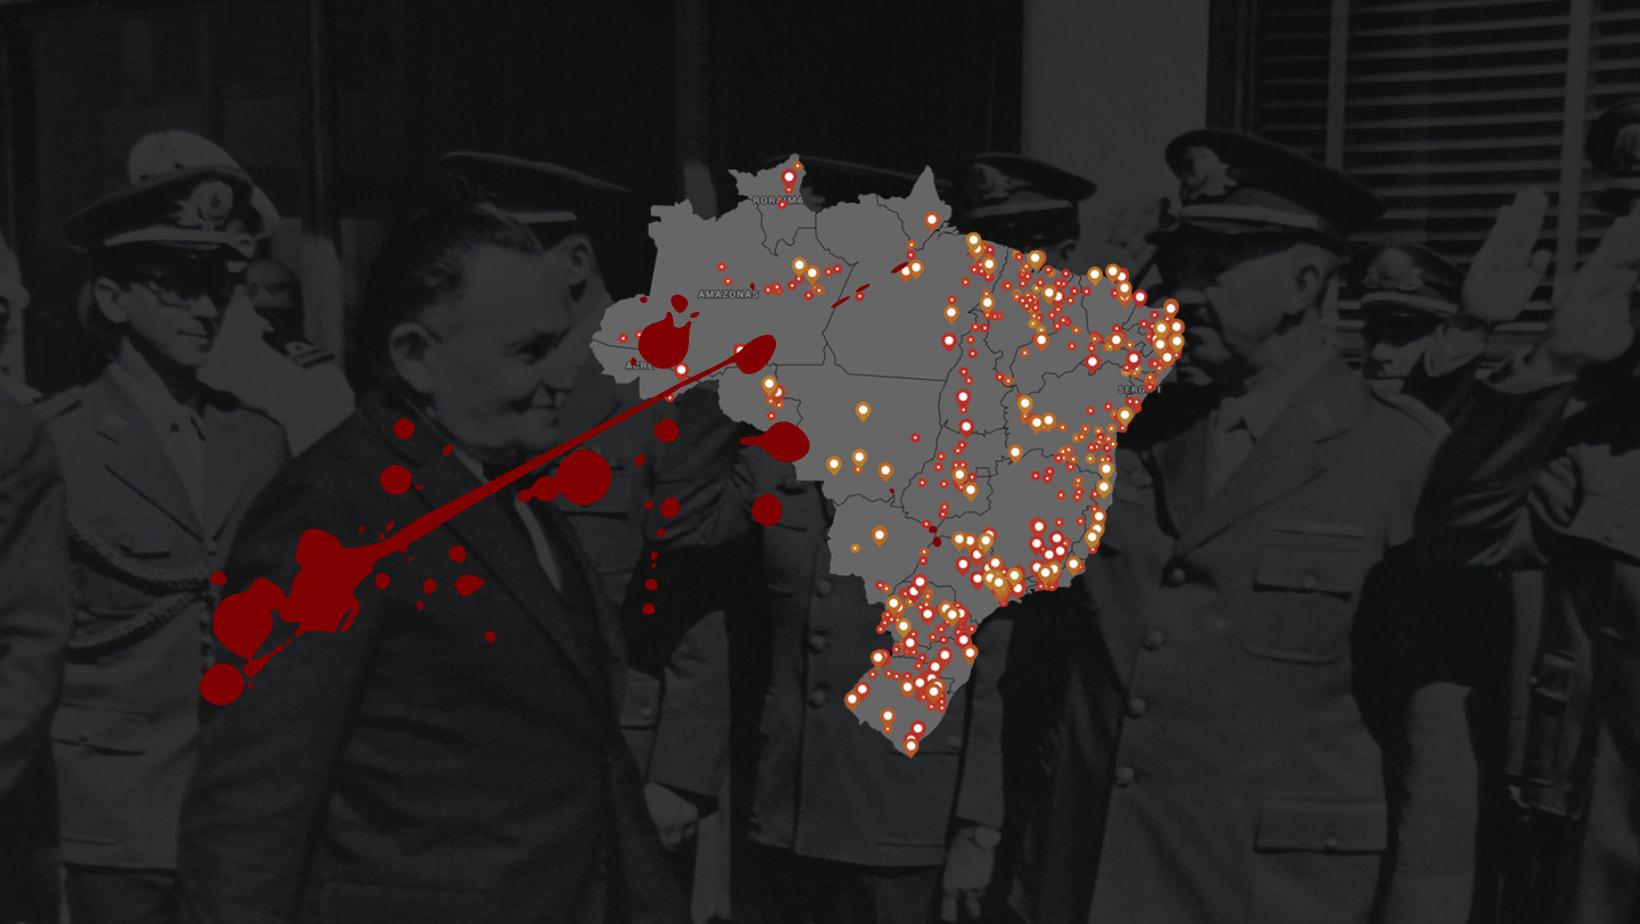 Mapa dos brasil com dezenas de pontos mostrando onde há logradouros com nomes de ditadores. Ao fundo são vistos militares batendo continencia para Castelo Branco.